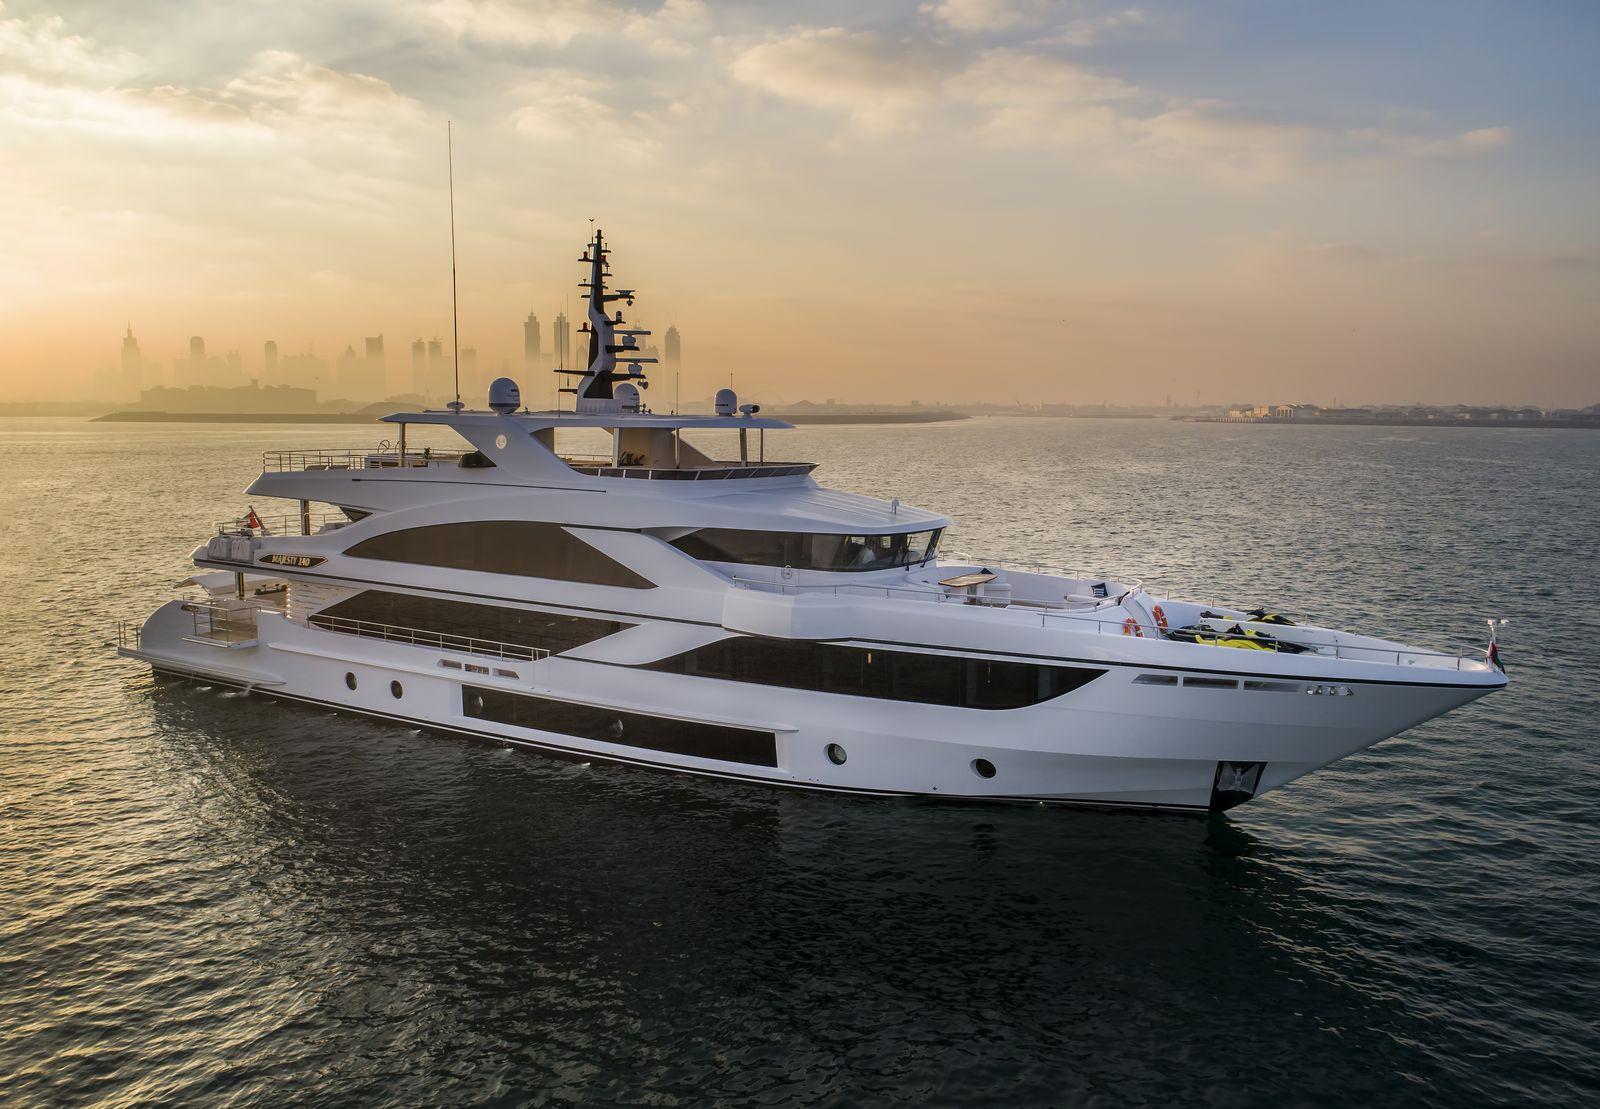 Суперяхта Majesty 140 получила главный приз на выставке FLIBS